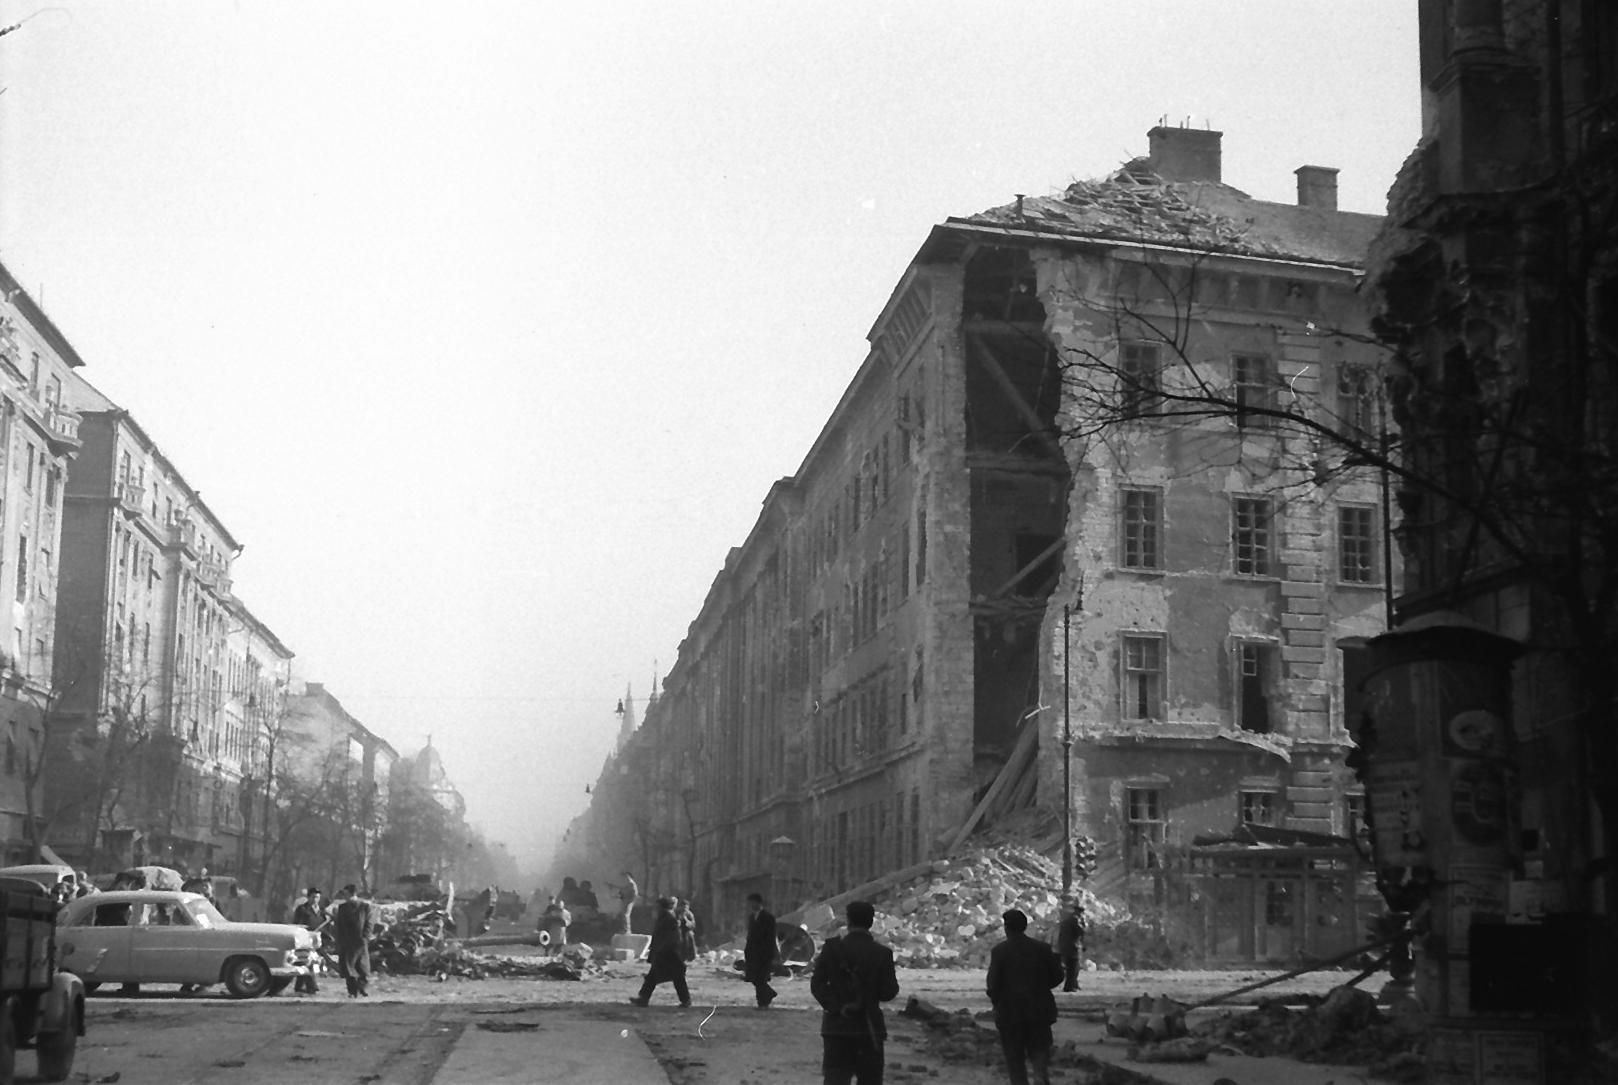 Nagykorut Ulloi ut keresztezodes jobbra a Kilian laktanya 1956